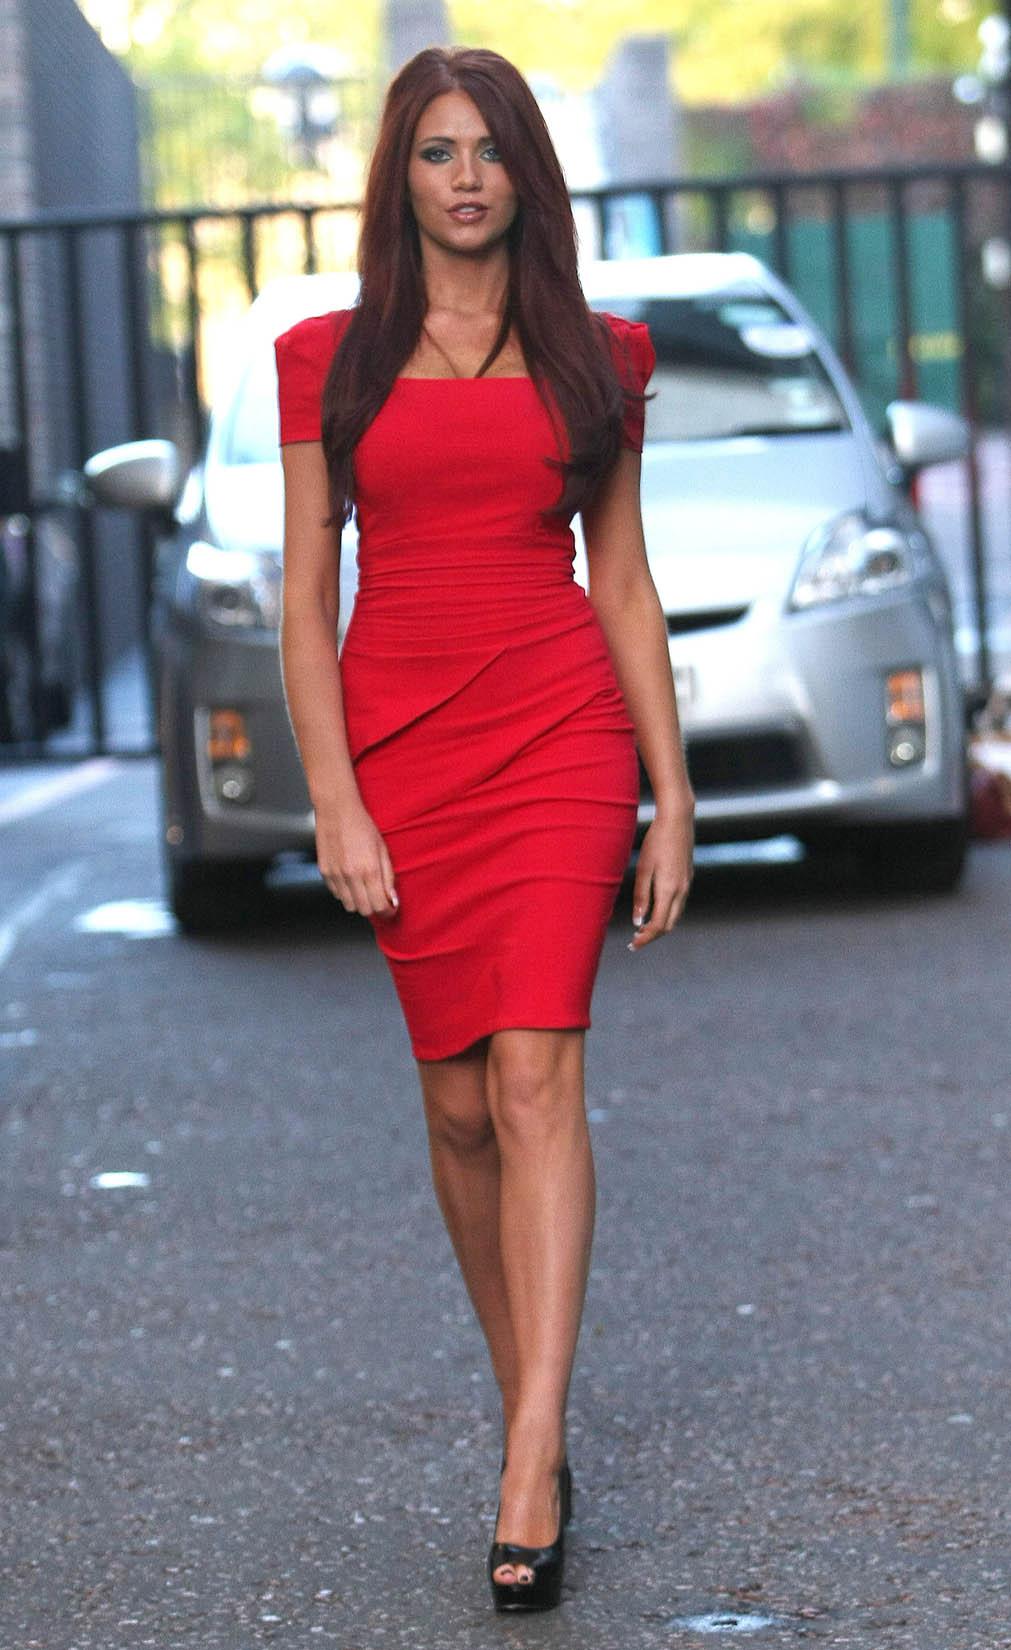 9da1ae017b2 Amy Childs Hot In Red Dress in London-05 – GotCeleb